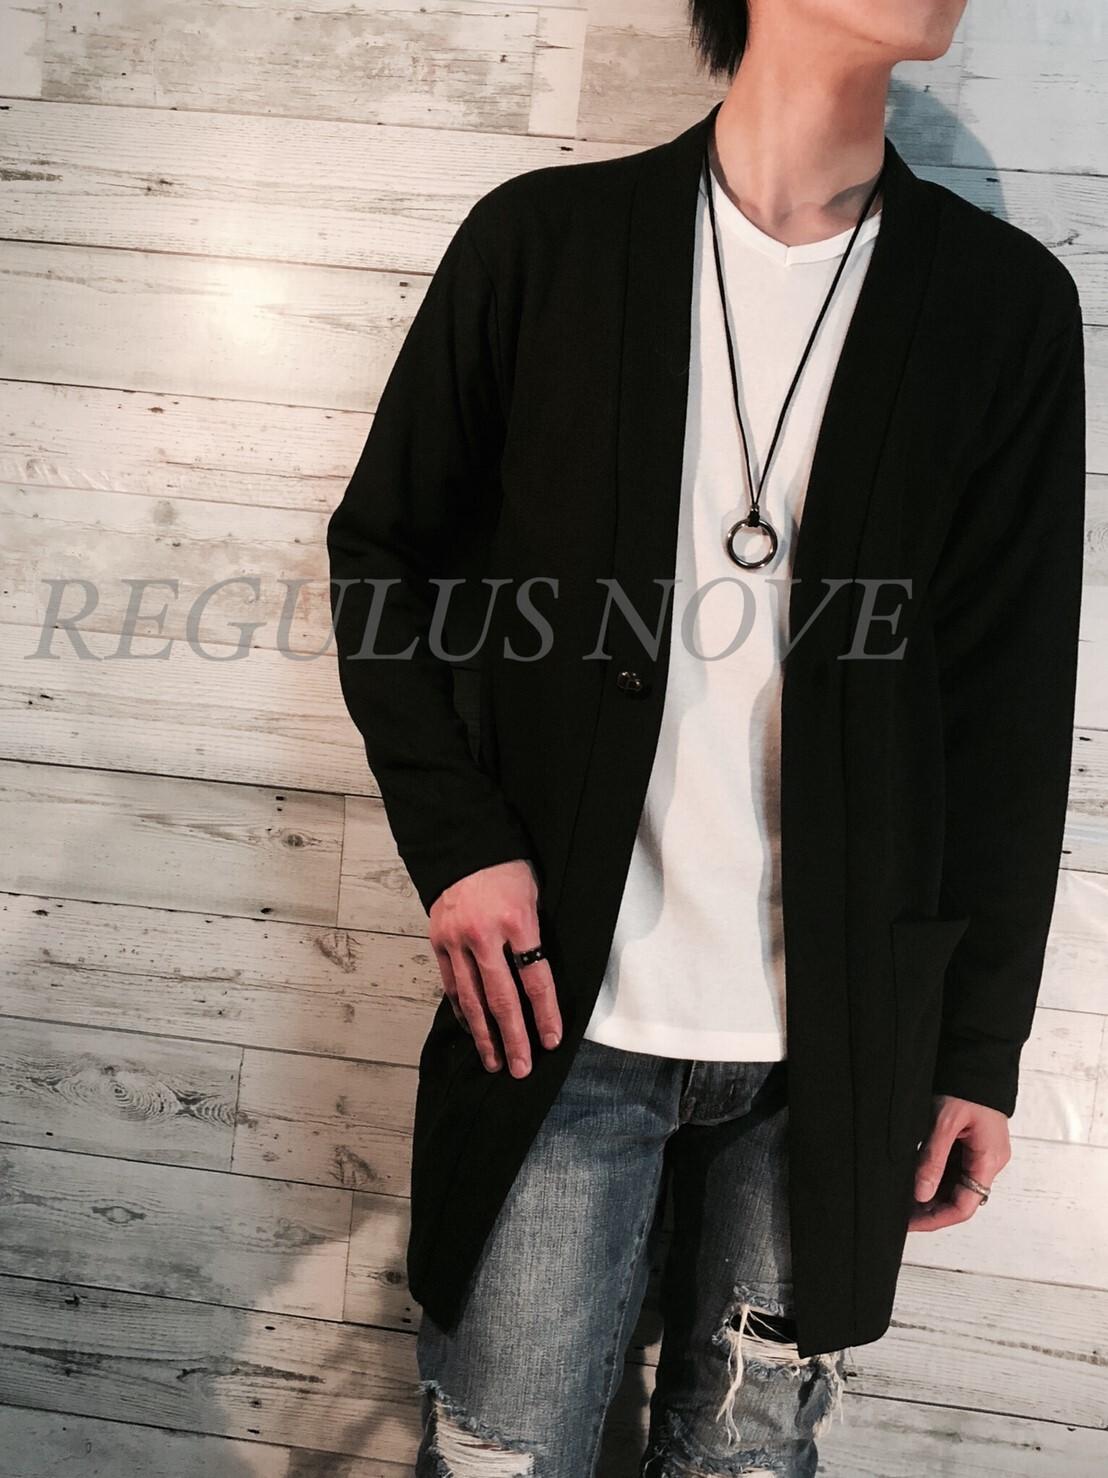 REGULUS NOVE ノーカラーロングカーディガン BLACK 春物 夏物 羽織 大人 カジュアル レイヤード